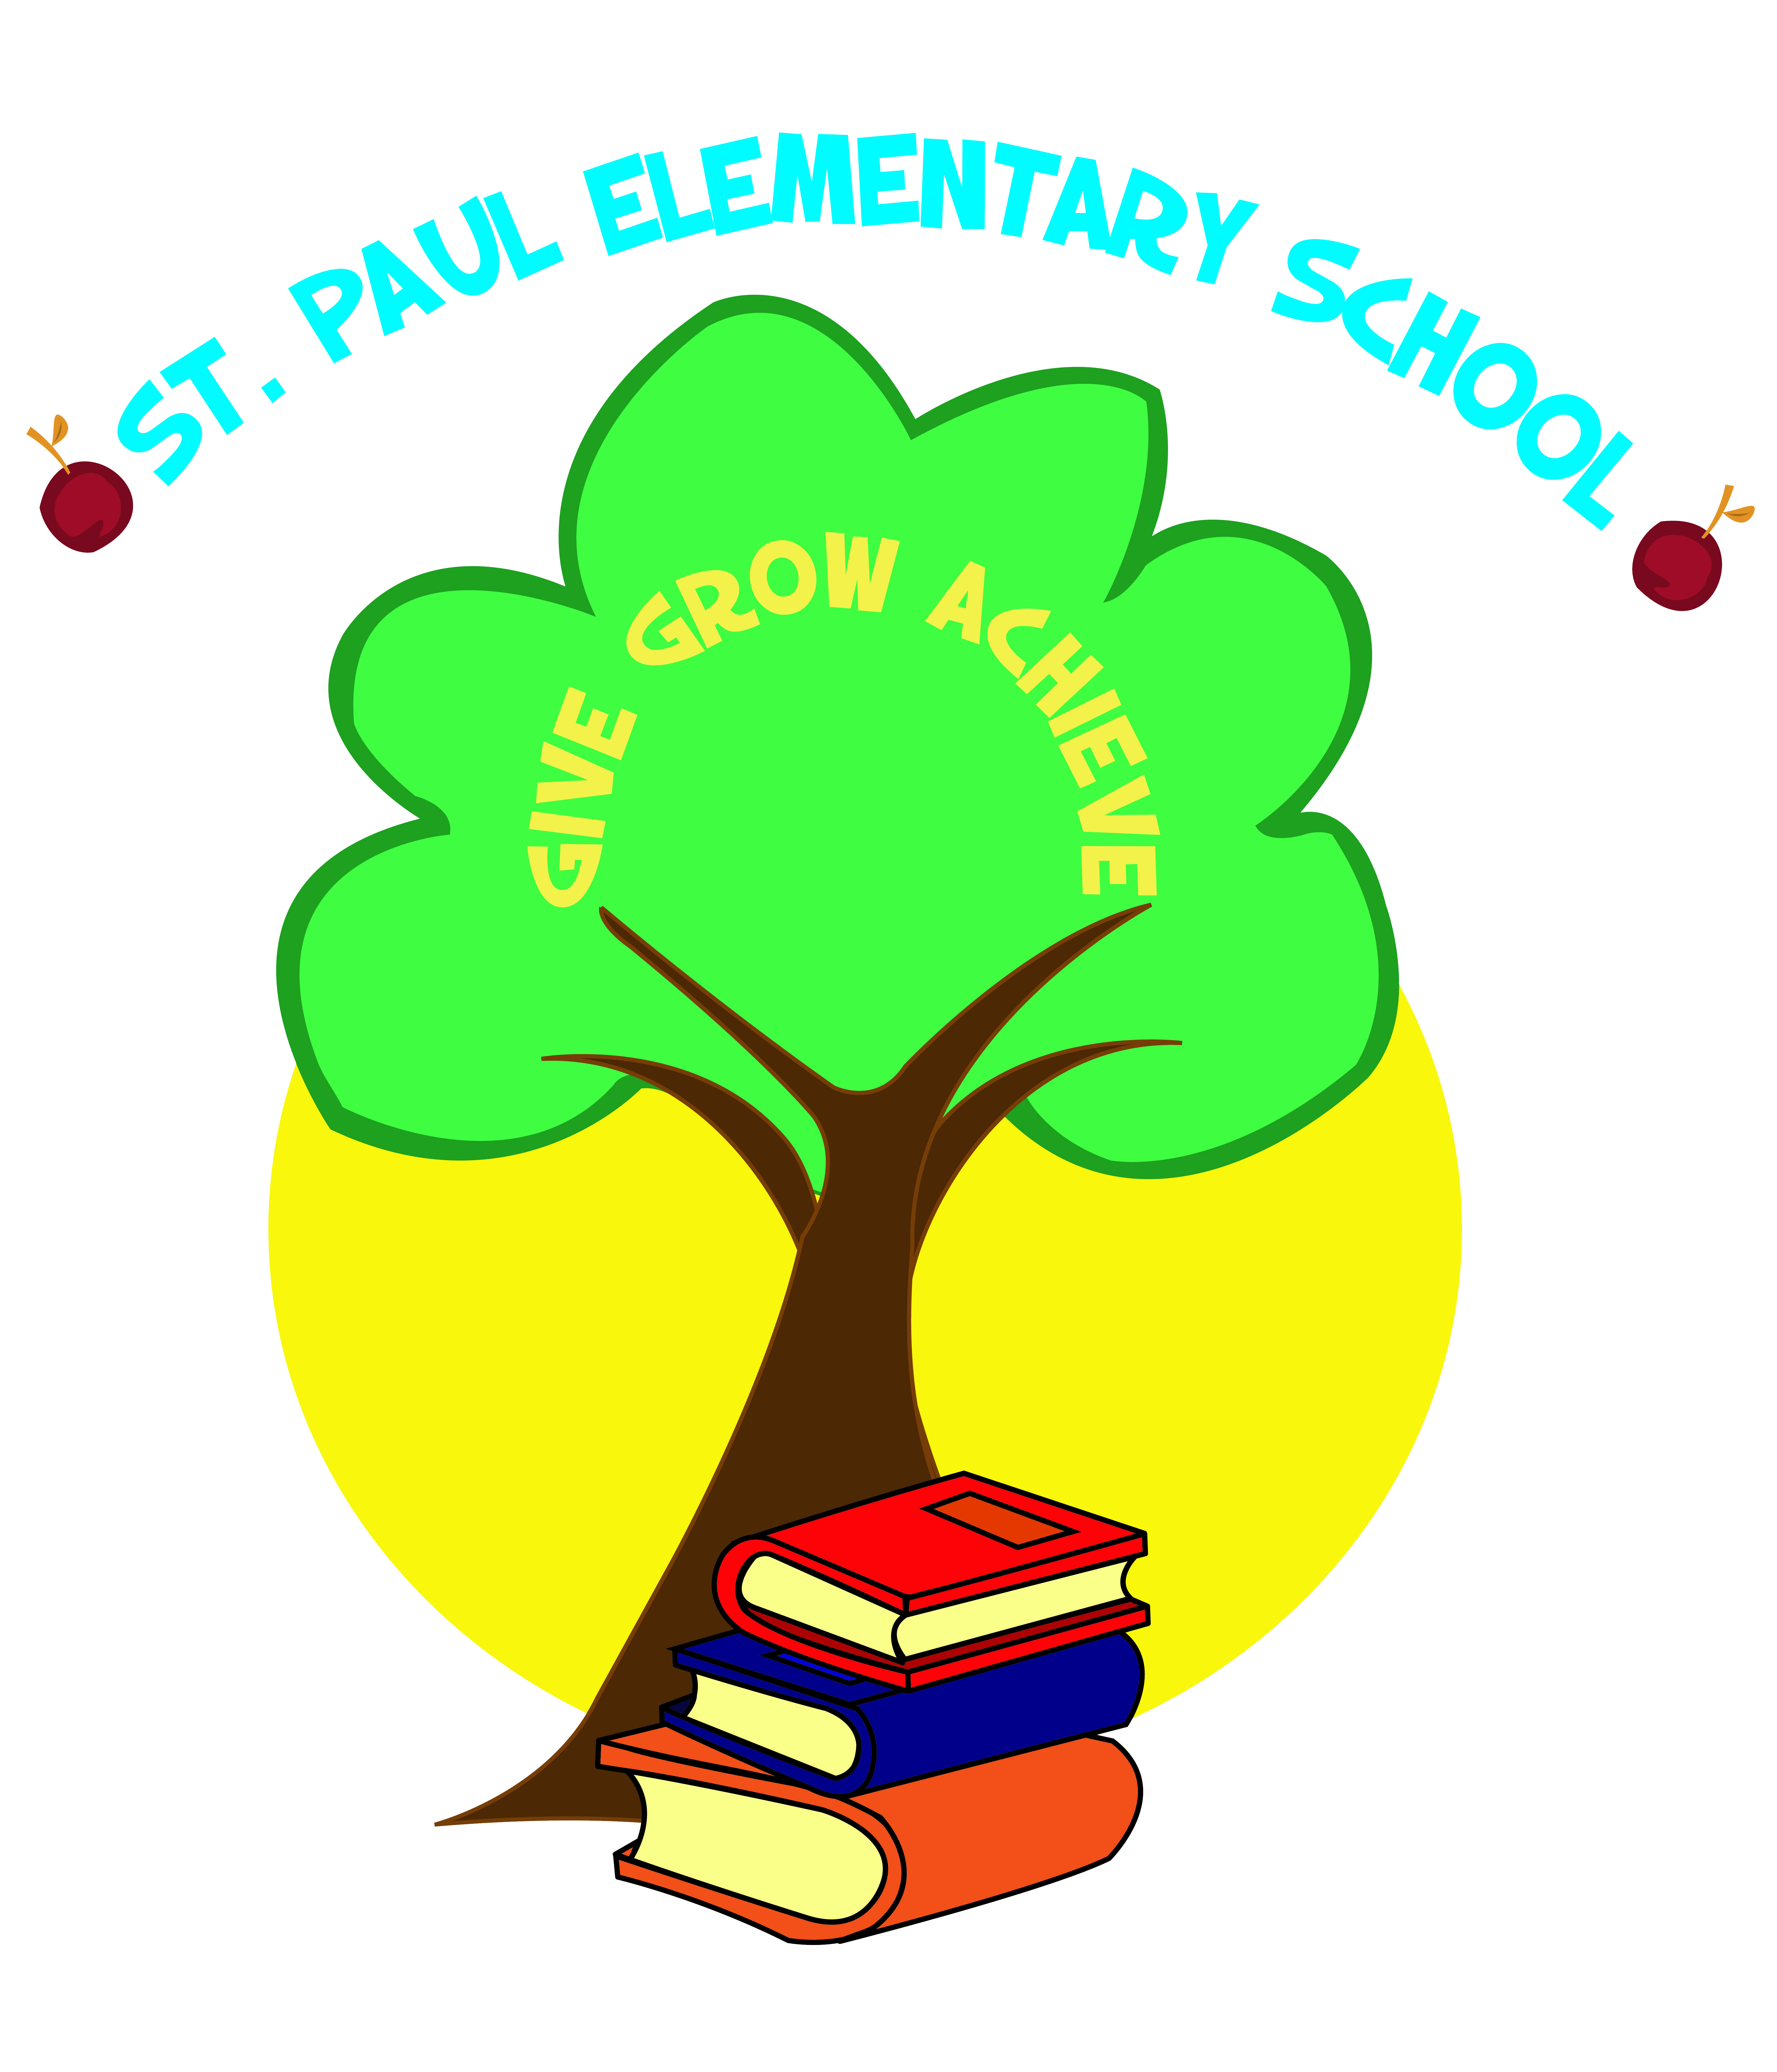 École primaire St. Paul Elementary School